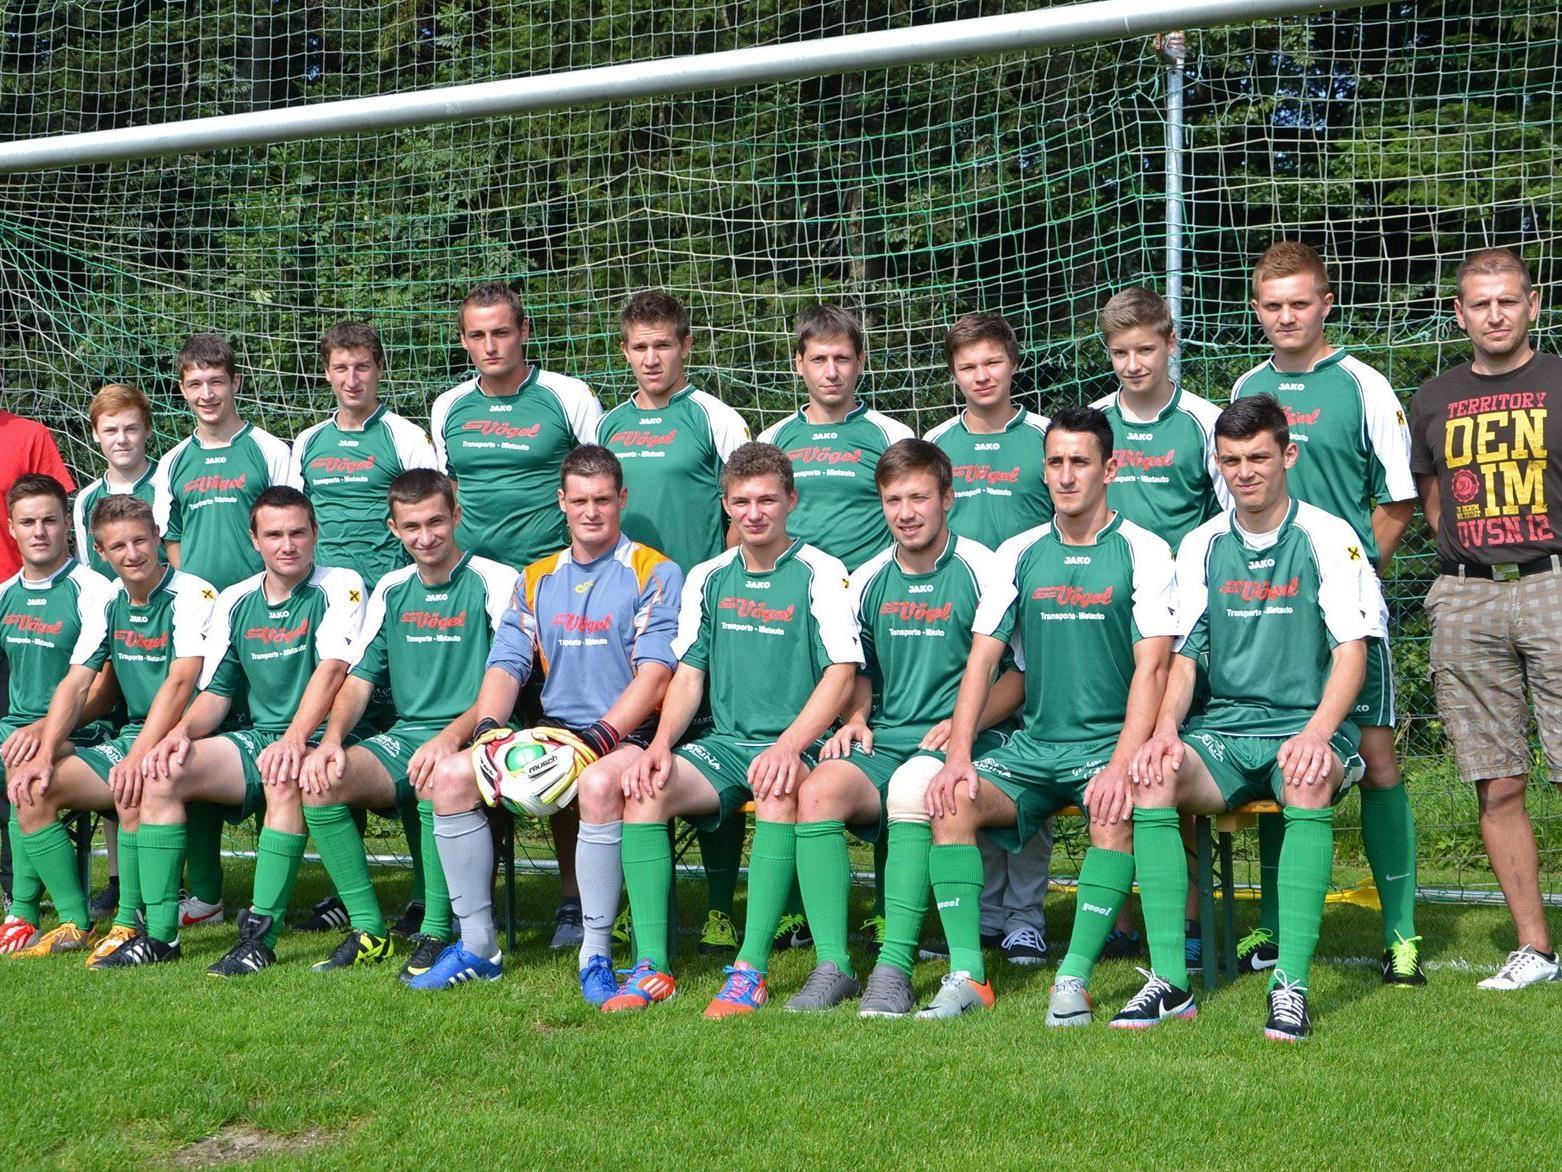 Die Mannschaft des FC Doren befindet sich im Höhenflug.